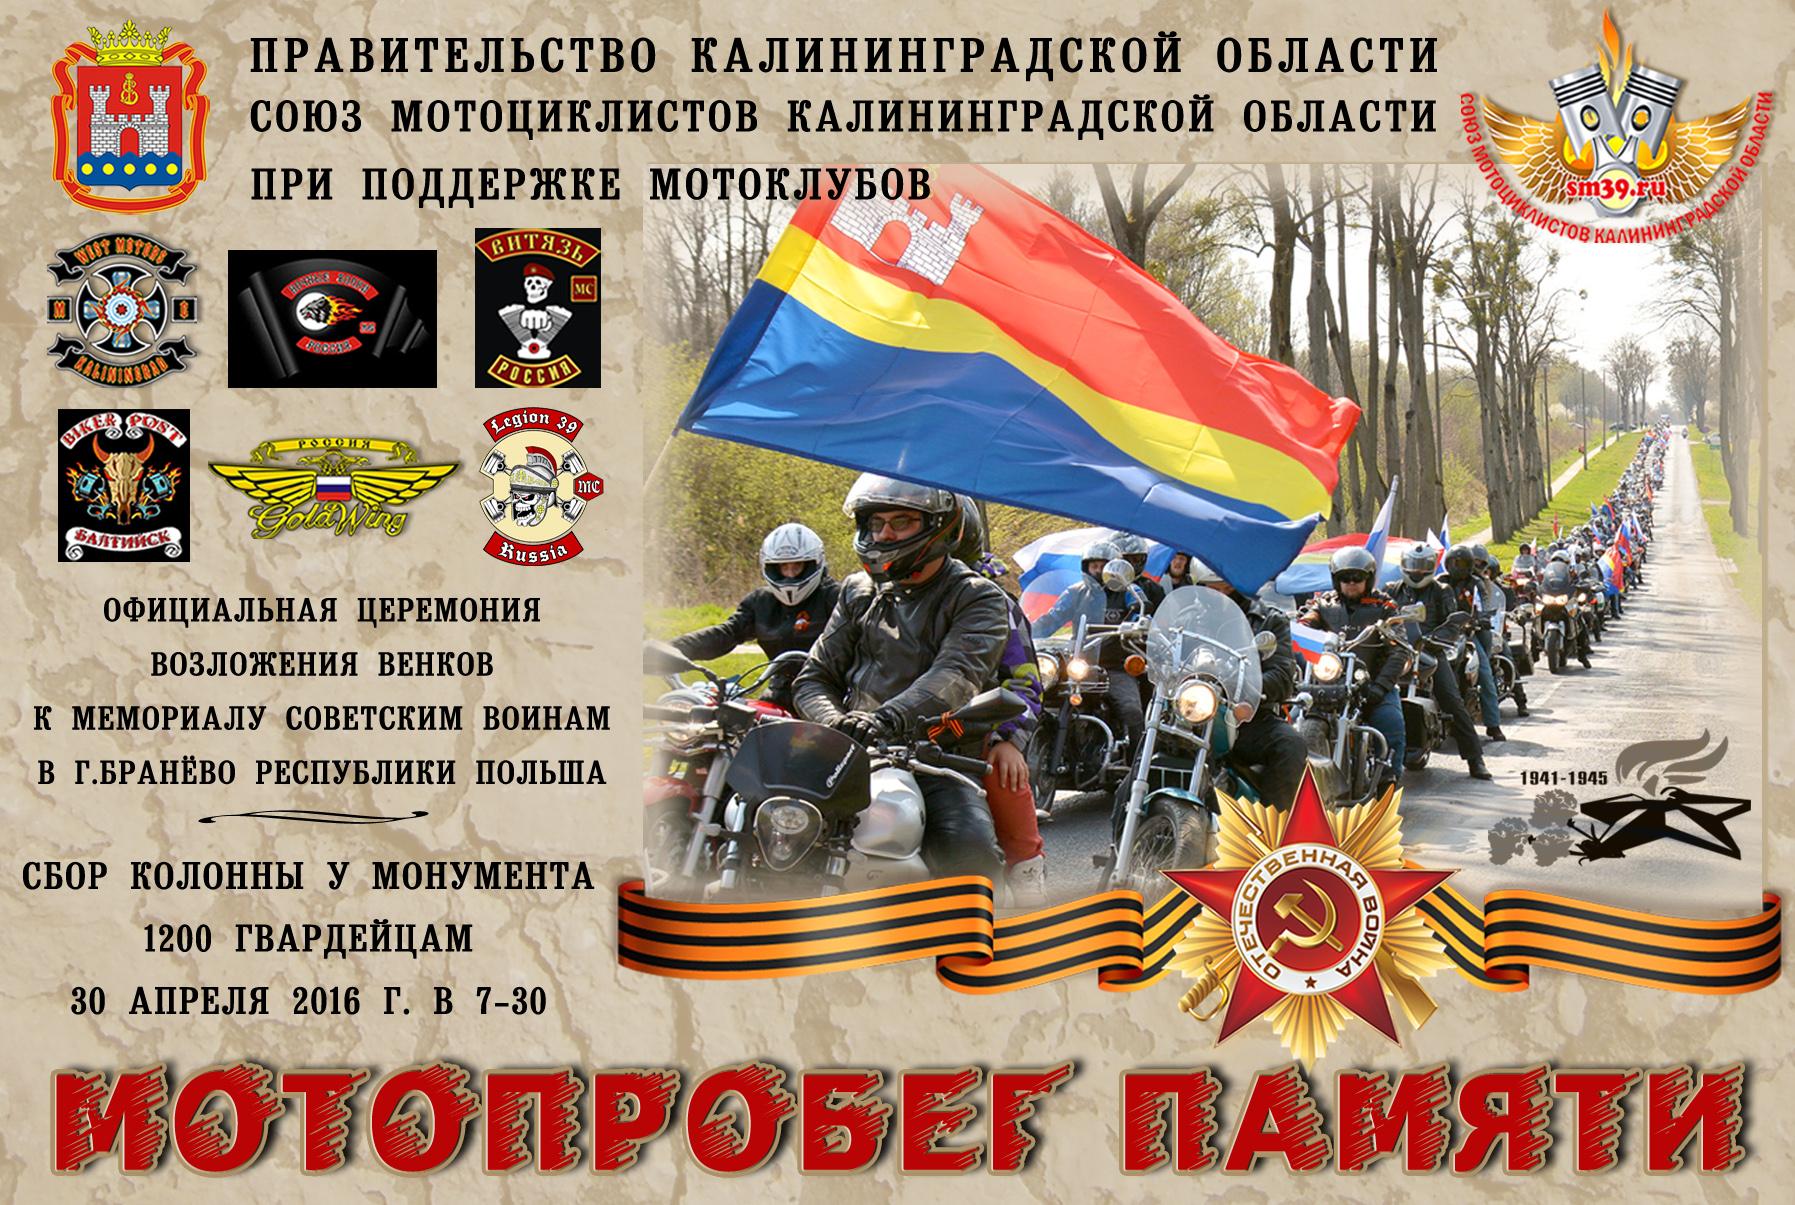 30 апреля 2016 г. выезд в г.Бранево на возложение цветов и венков к мемориалу павшим советским воинам в Великой Отечественной войне.